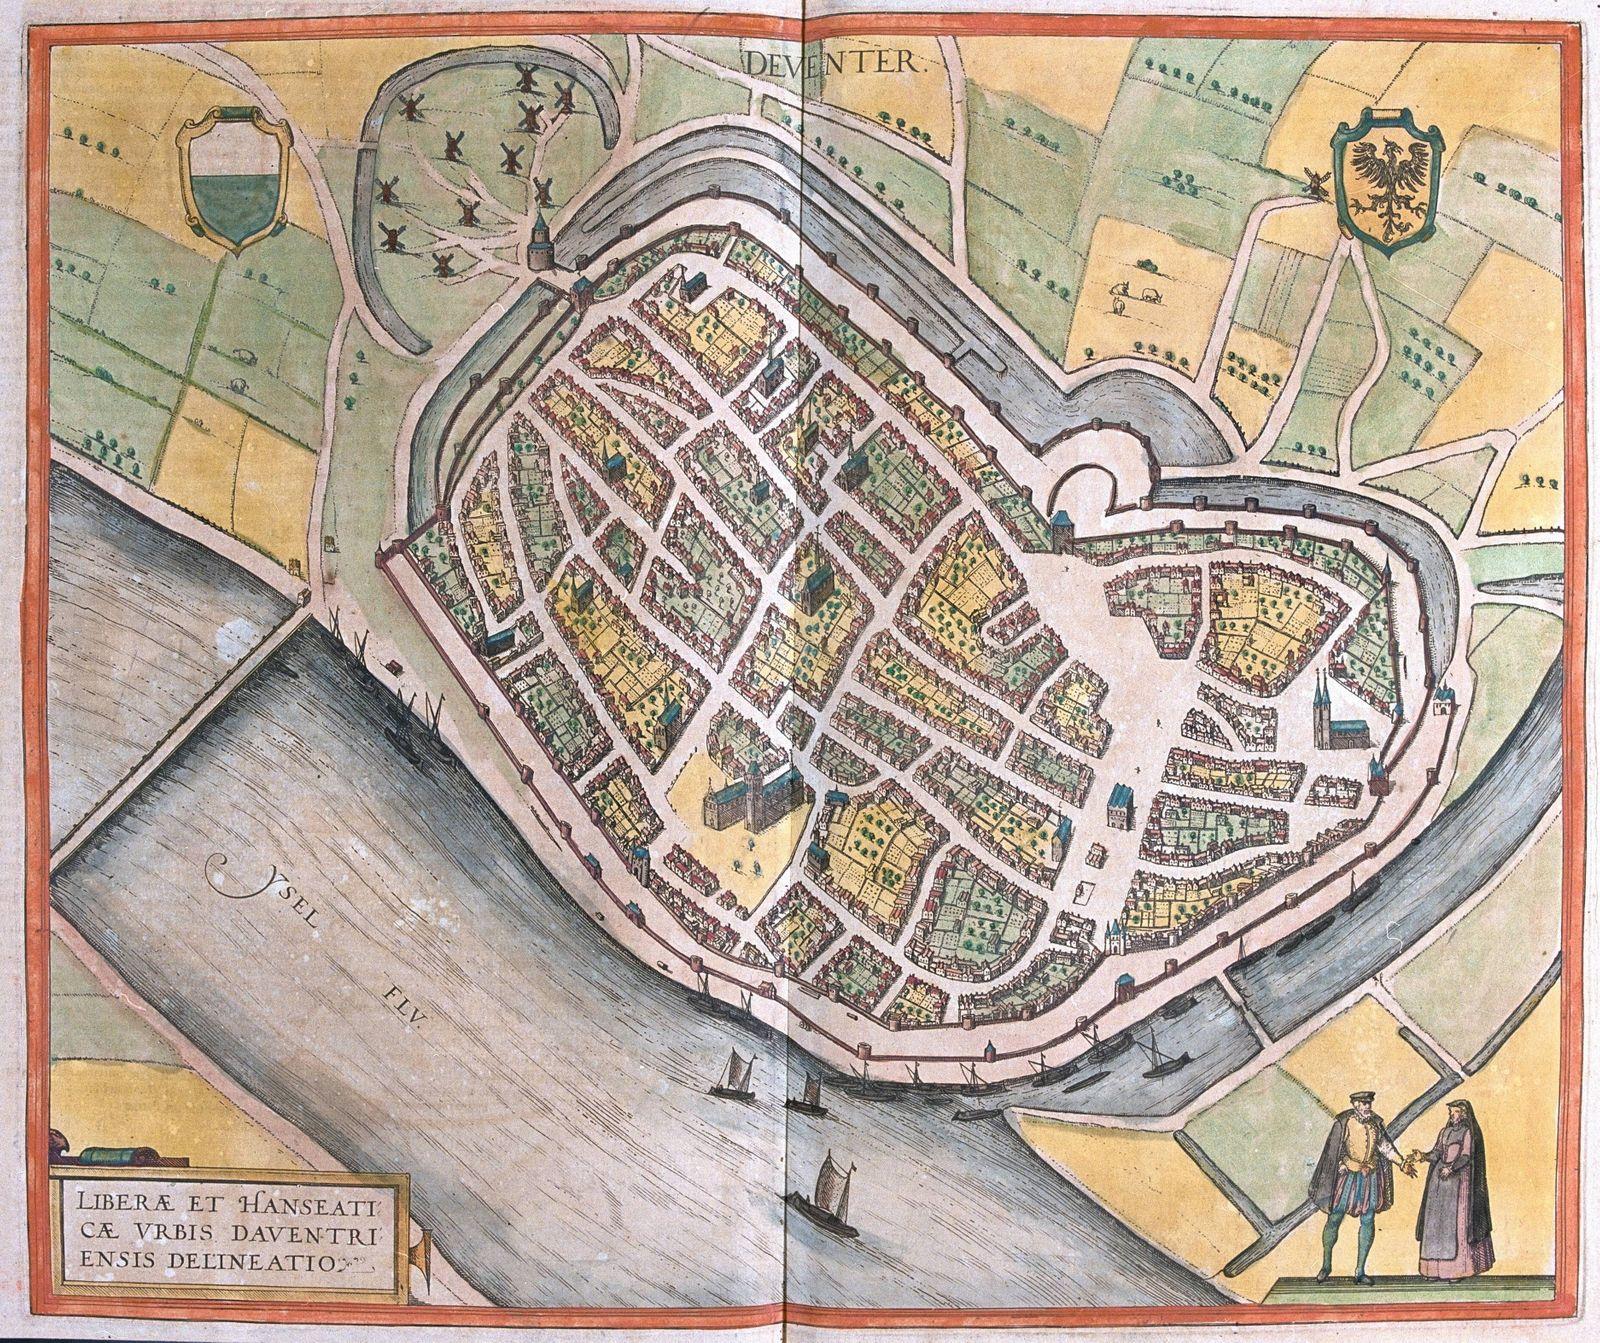 Liberae et Hanseaticae urbis Daventri ensis Delineatio Deventer Netherlands Civitates Orbis Ter